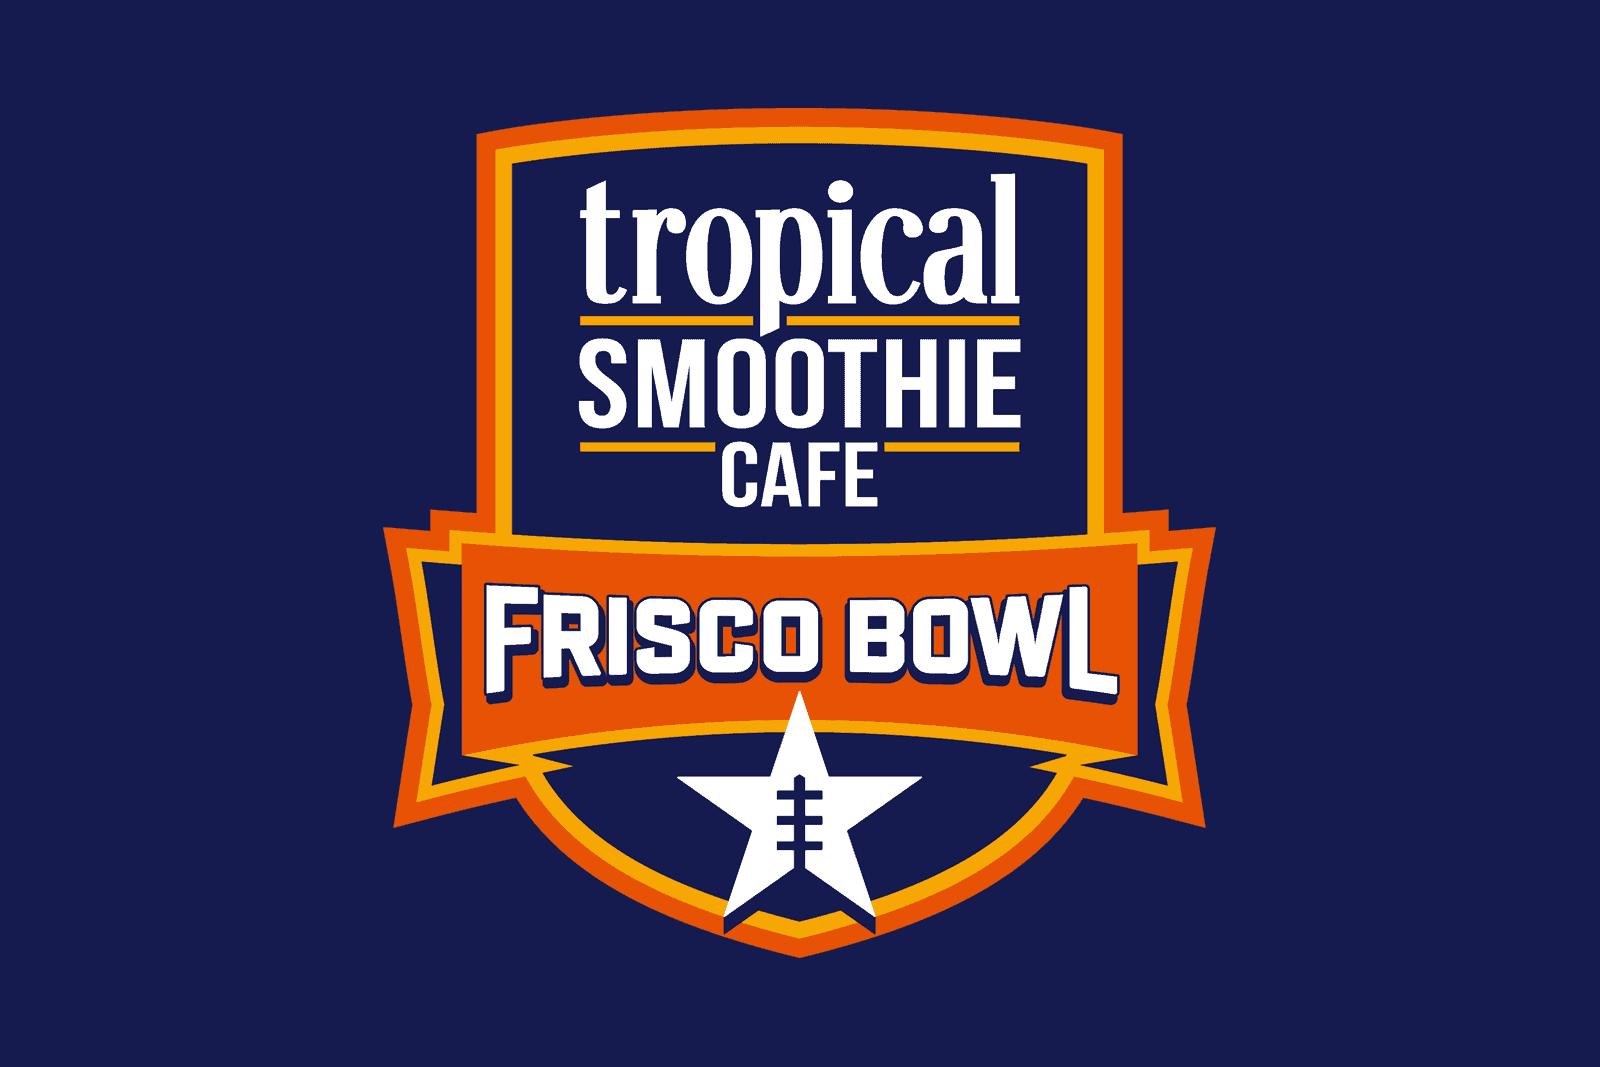 2020 Tropical Smoothie Café Frisco Bowl